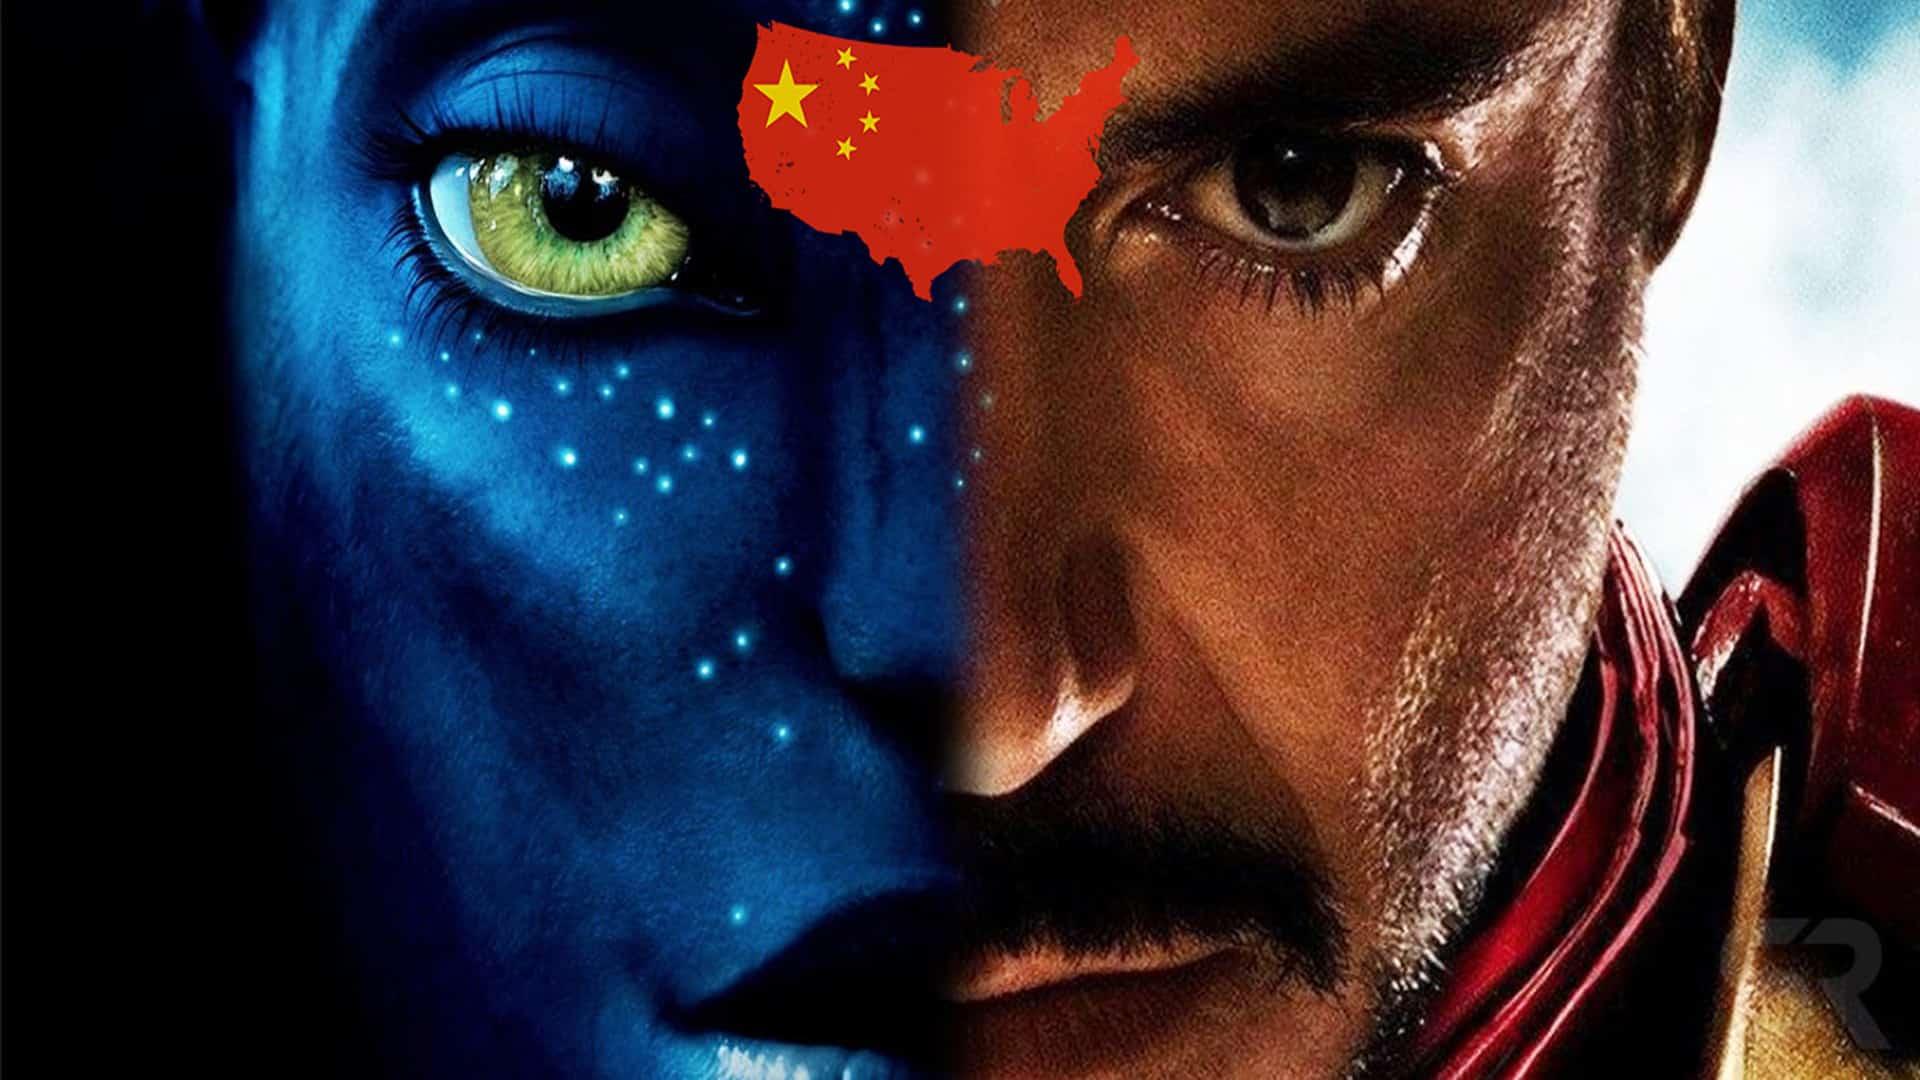 Avatar a séria Avengers sa vracajú do kín. Dokážu zachrániť kiná v Číne?